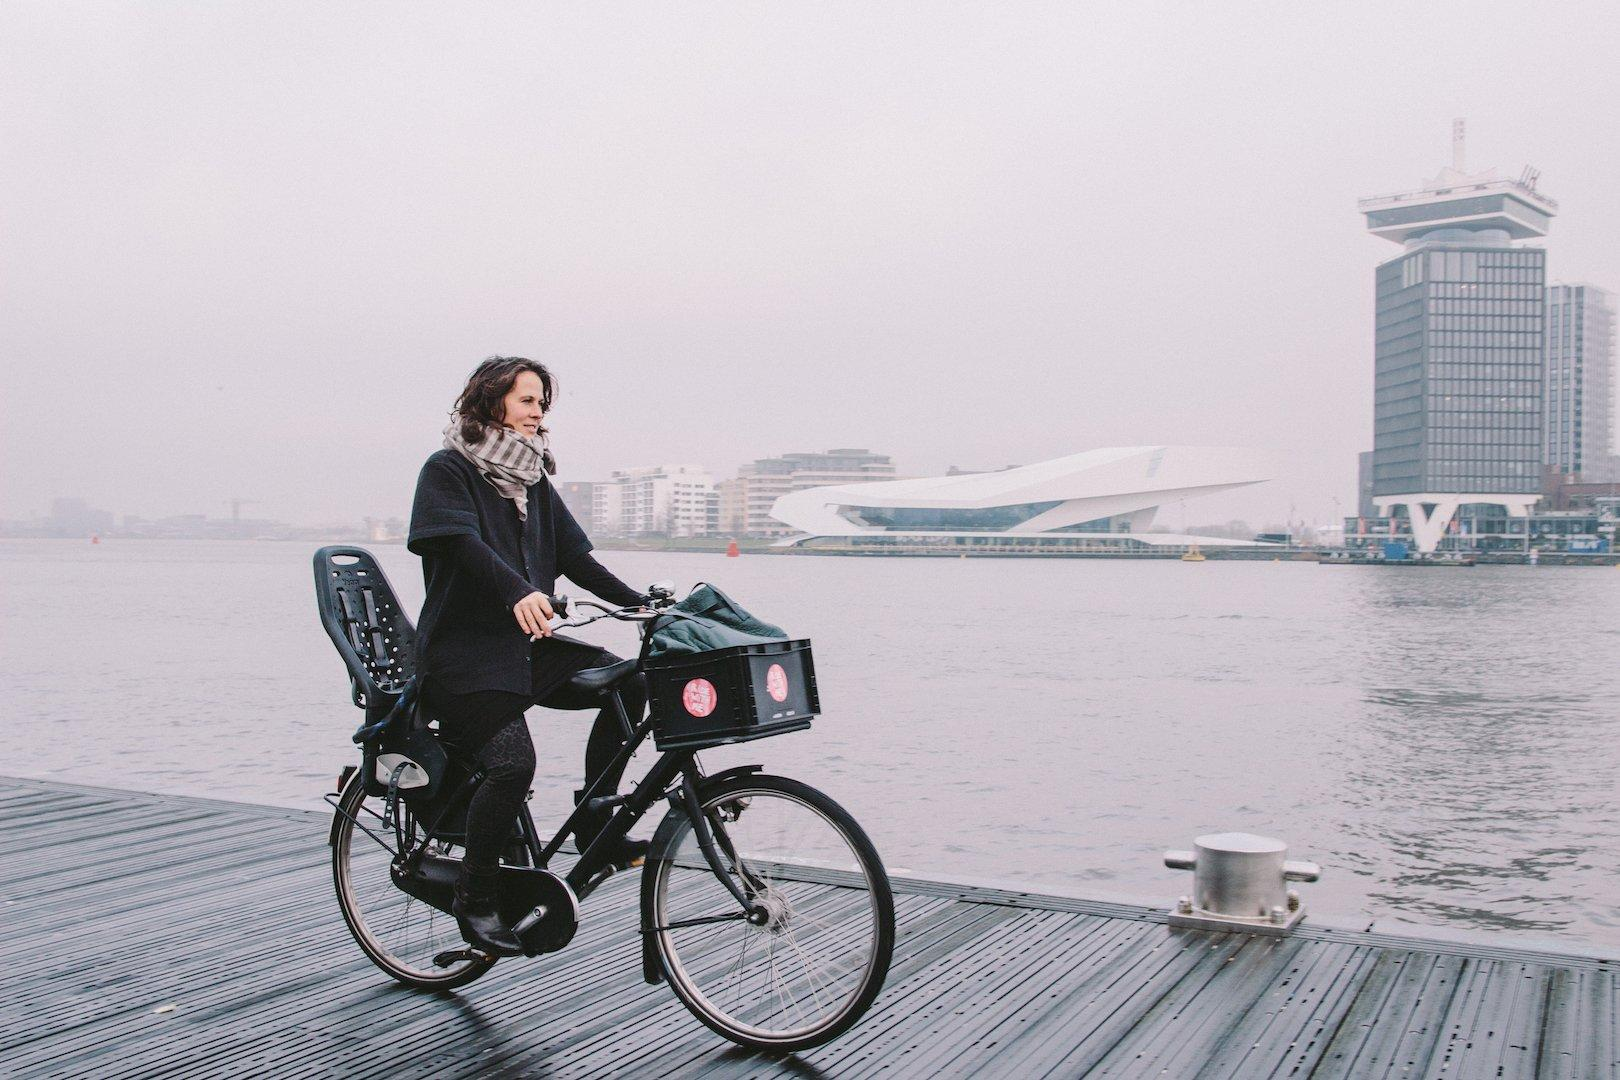 Eine Frau fährt mit Fahrrad auf einem Steg am Wasser. Im Hintergrund sind Hochhäuser zu erkennen.